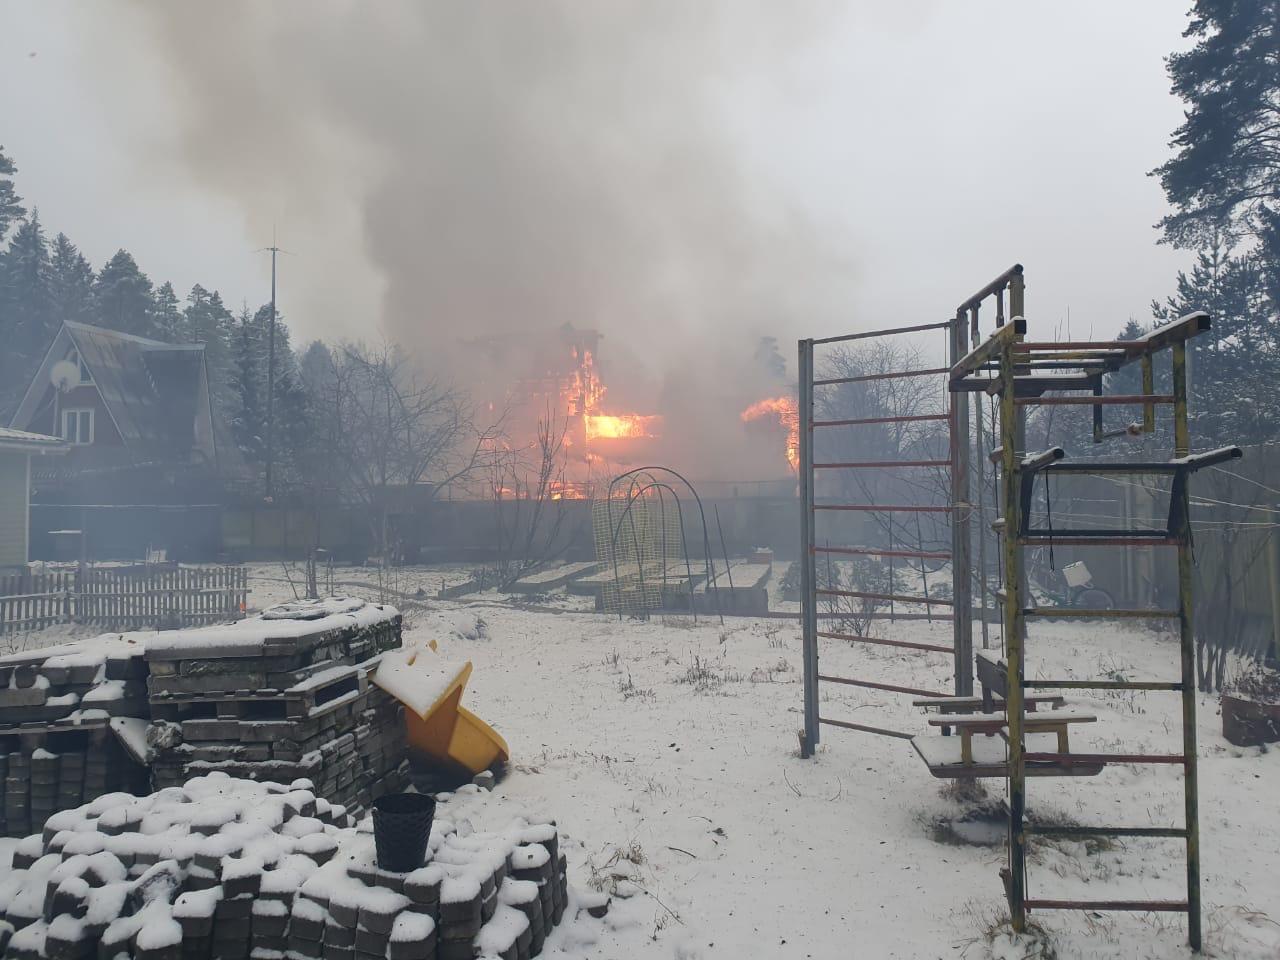 В поселке Лесколово в полдень загорелся дом. К месту выехал дежурный караул ПСС Агалатово, ПСЧ-104 ...